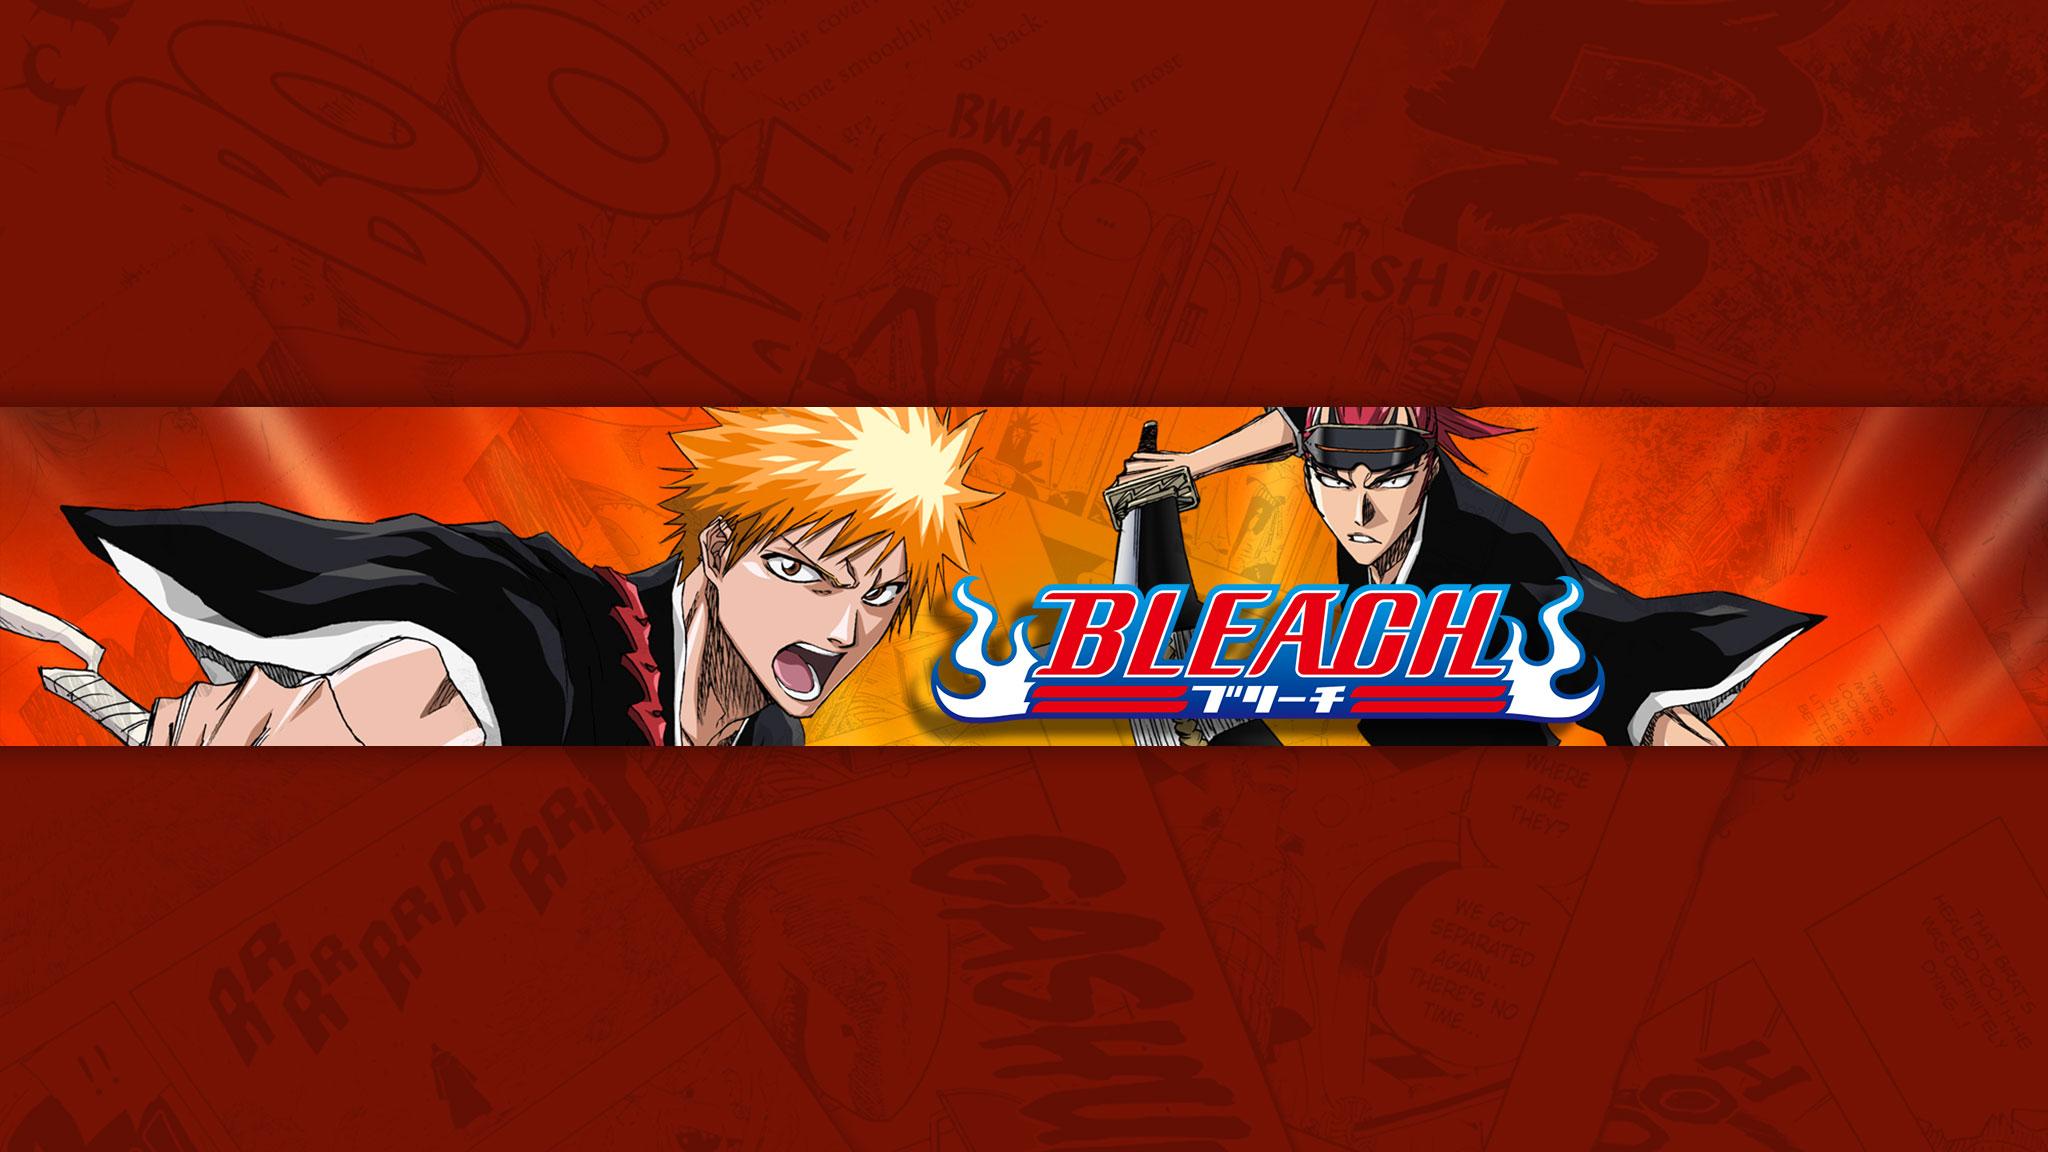 Картинка в стиле аниме - обложка для ютуб канала 2048 1152 по манге Bleach с персонажами на оранжевом фоне.